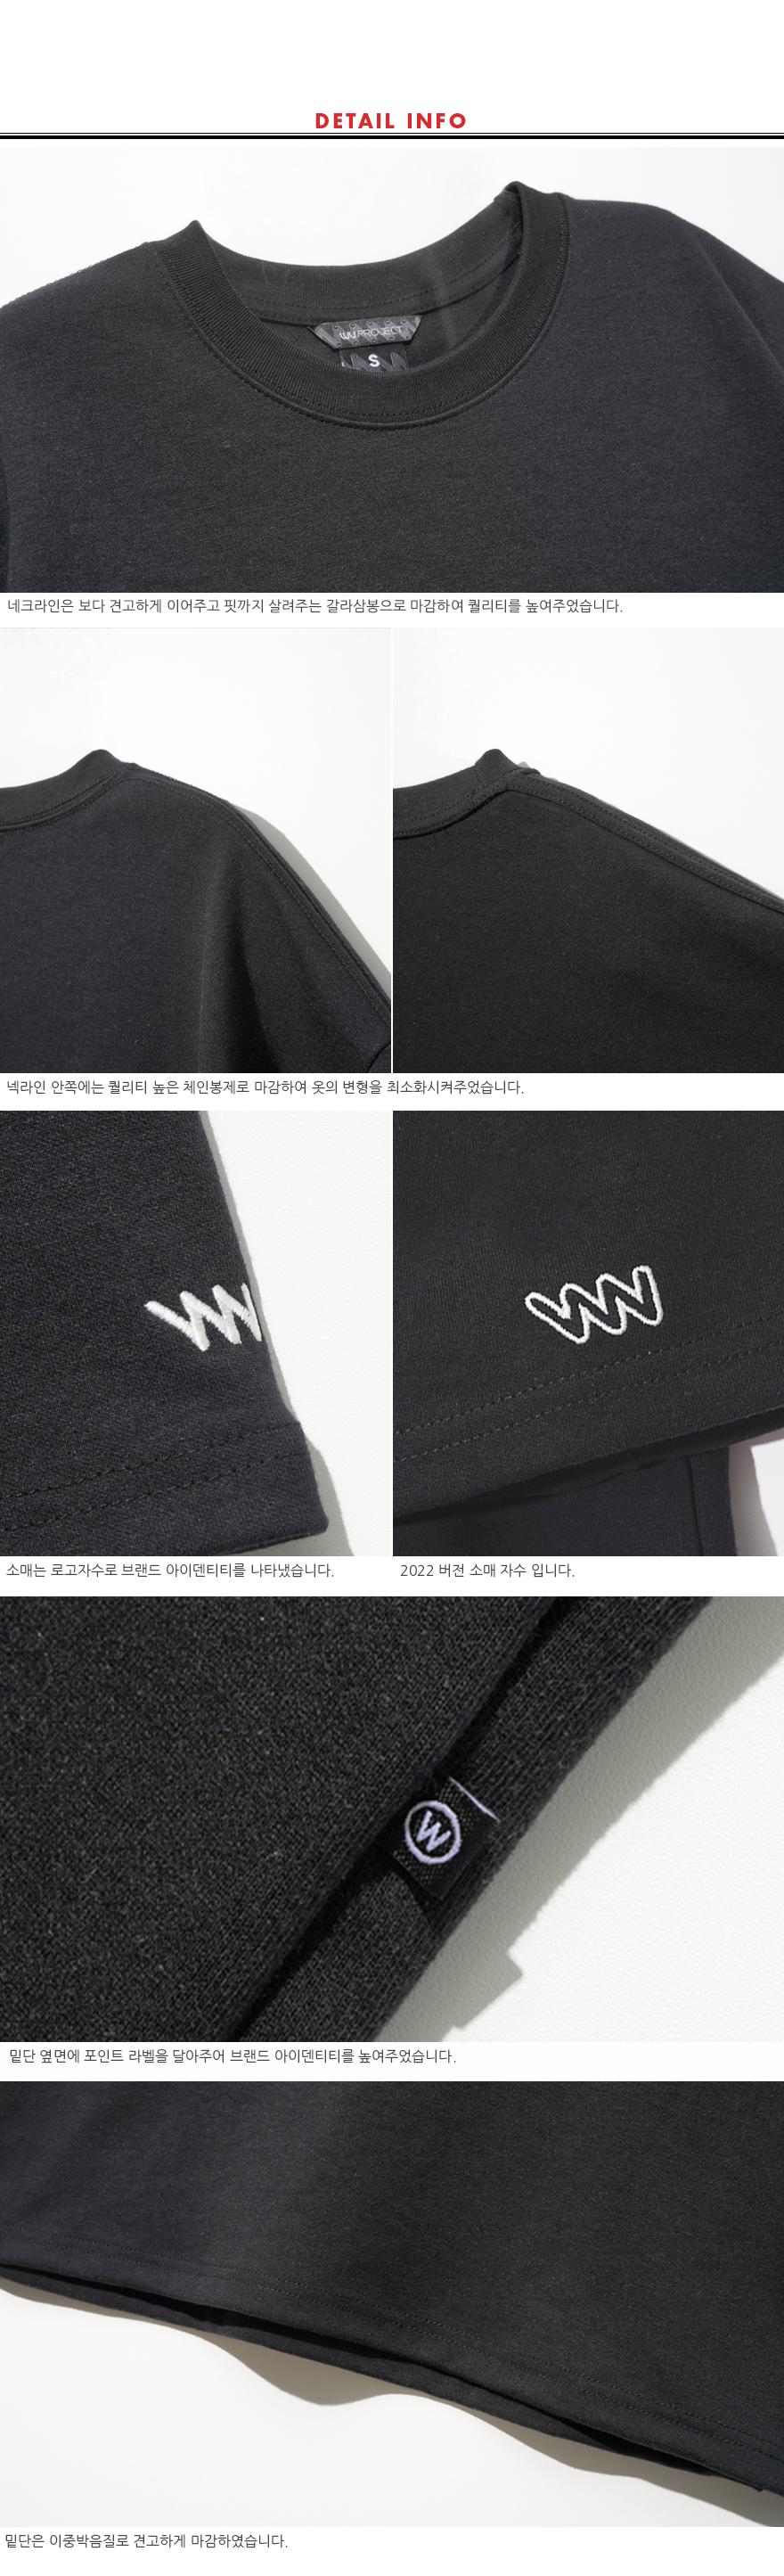 KHST7398_detail_black_jj.jpg